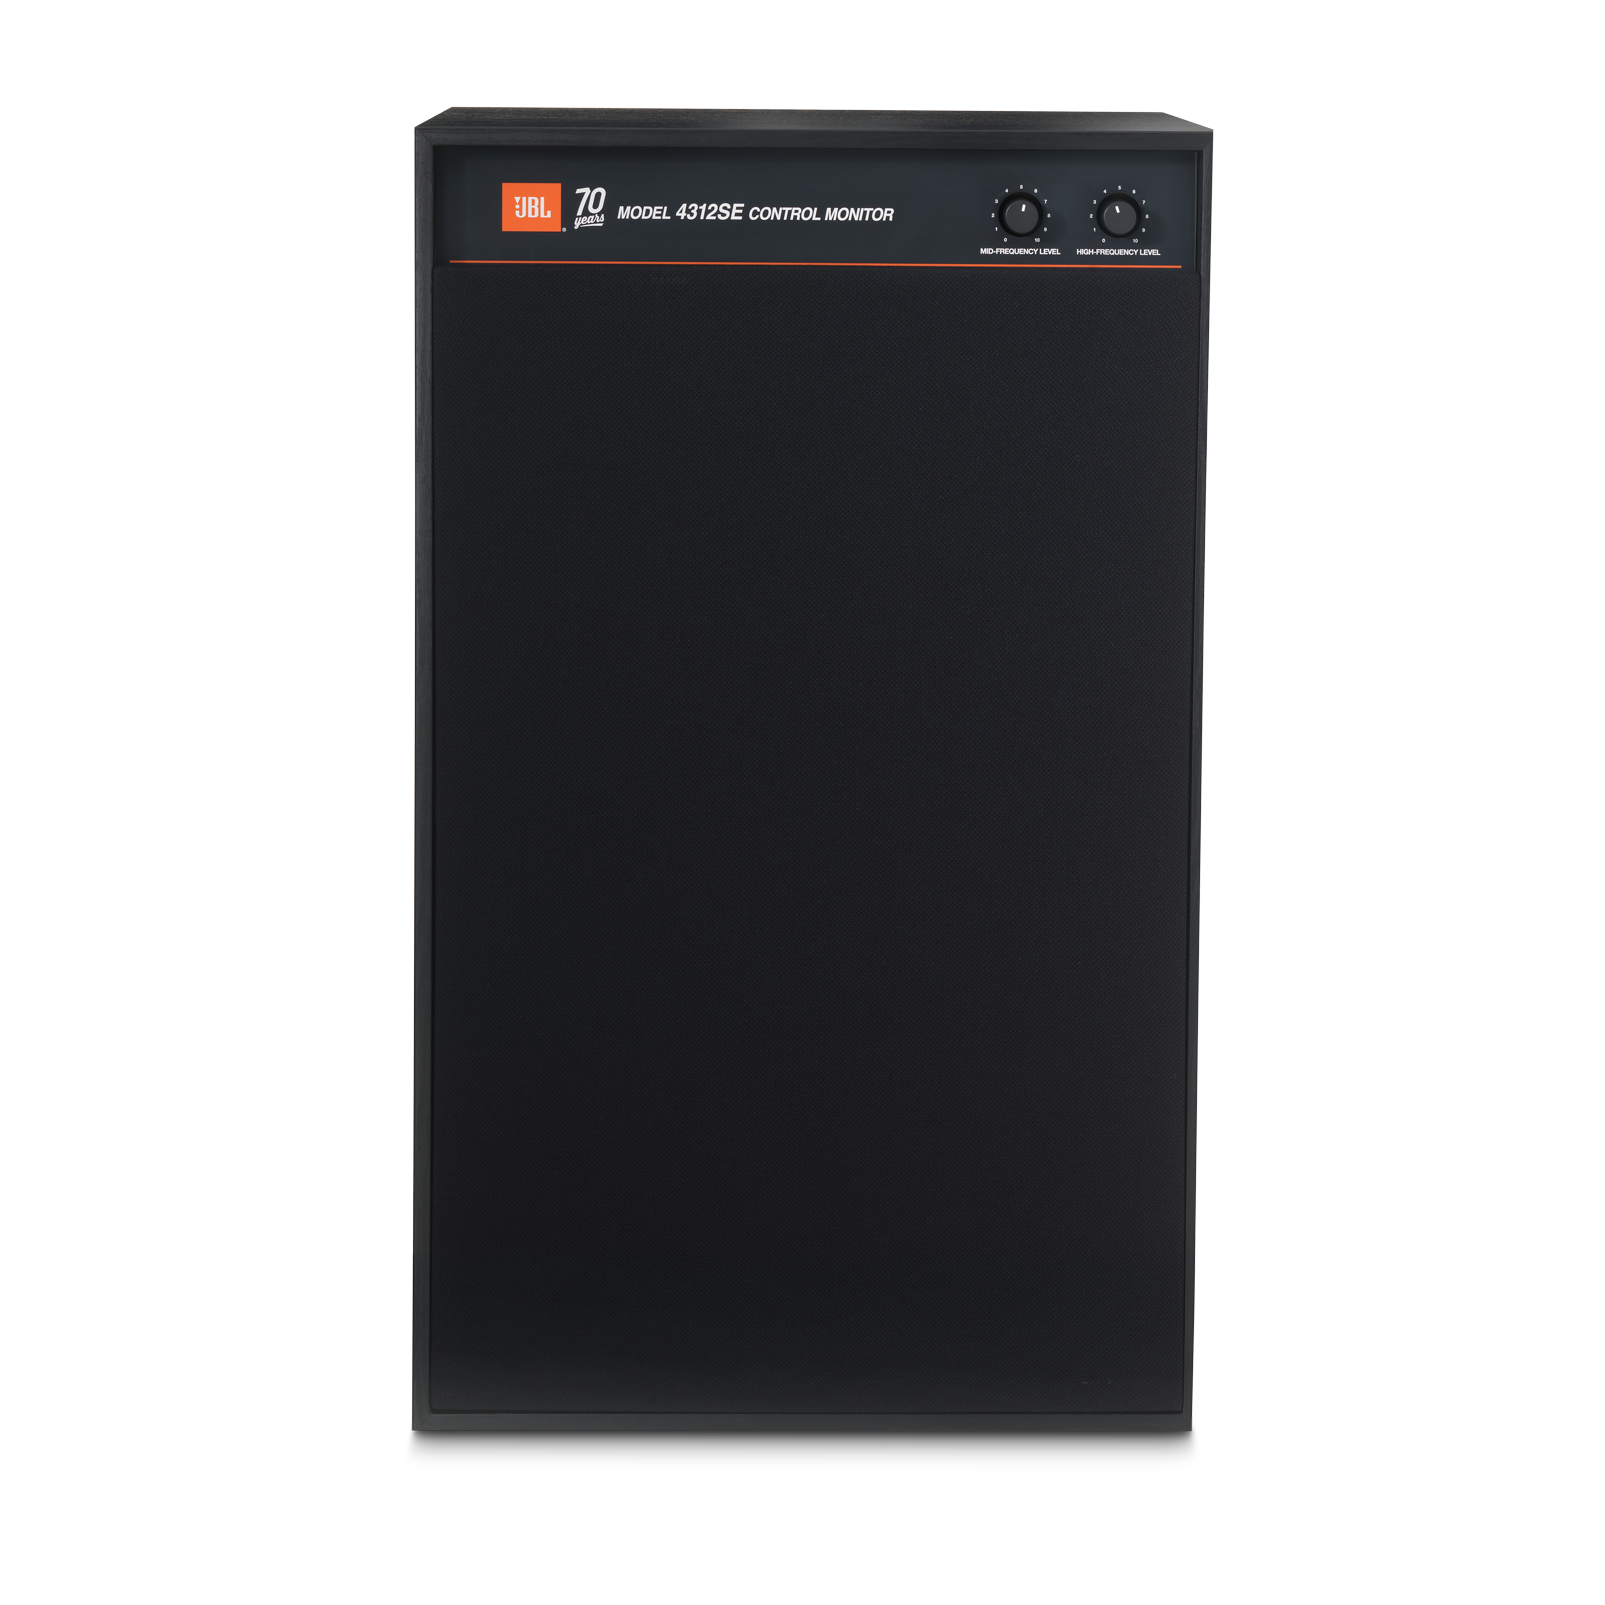 4312SE - Black - JBL 4312SE Studio Monitor Bookshelf Loudspeaker - Detailshot 2